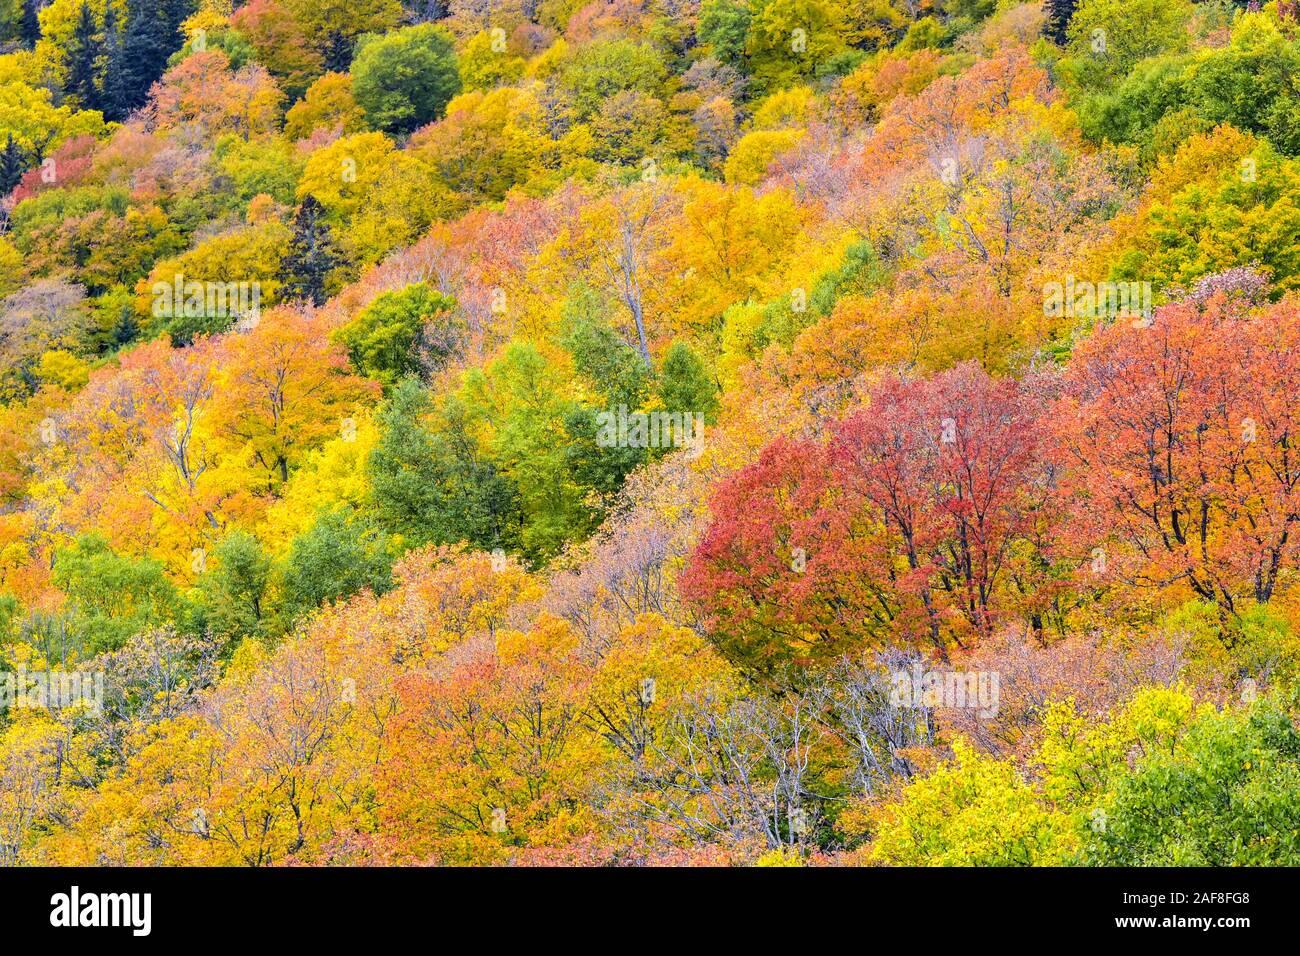 America Canada,Quebec Mont-Sainte-Anne alberi e fogliame in autunno Foto Stock